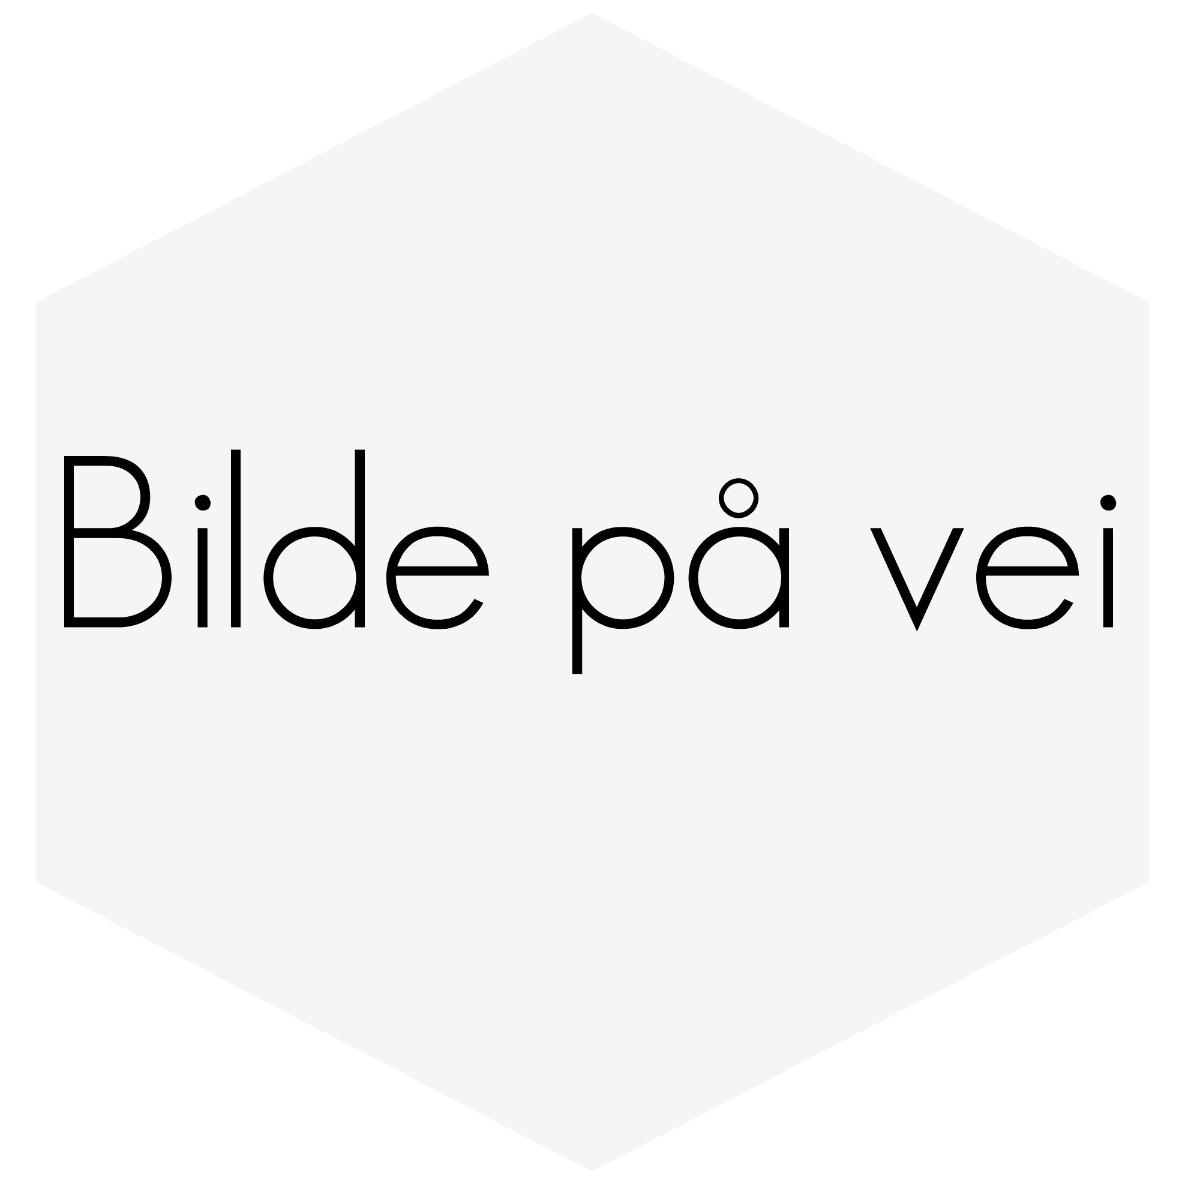 BÆREKULE XC90 03-14+ NOEN S60,V70 SE INFO 274523, 274573